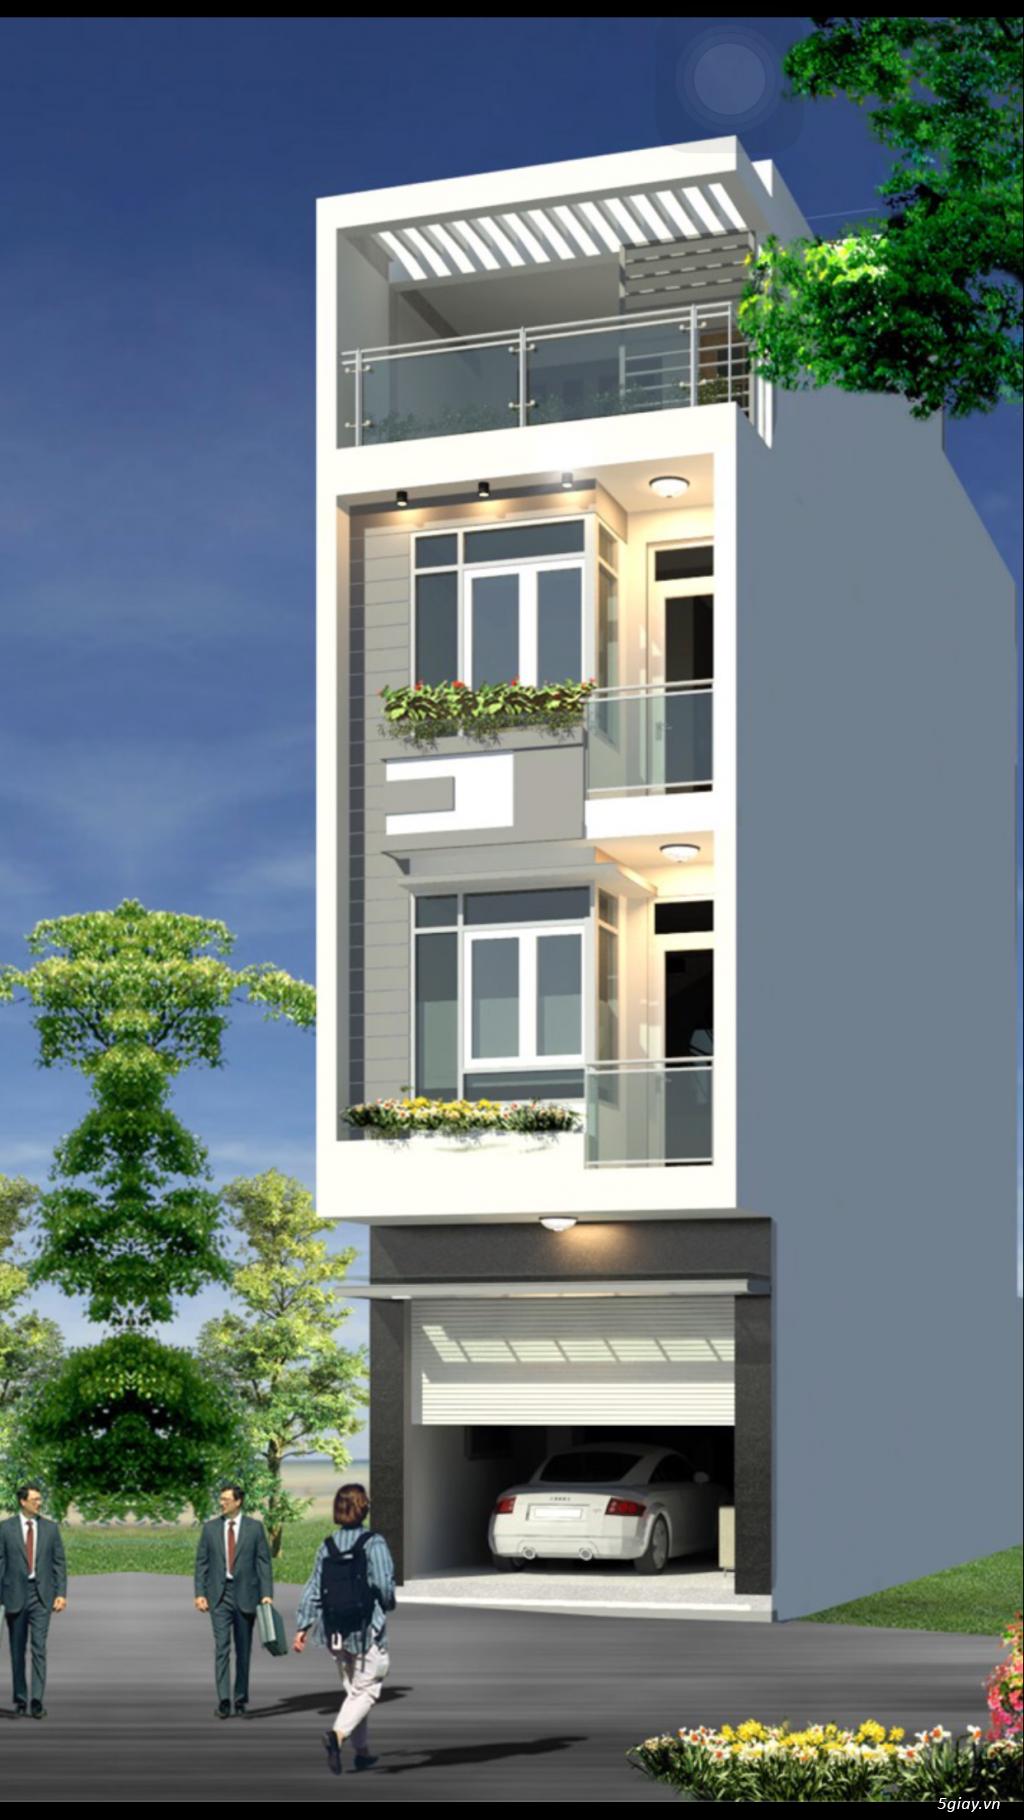 Thi công xây dựng nhà phố, biệt thự, khách sạn, nhà xưởng... - 4